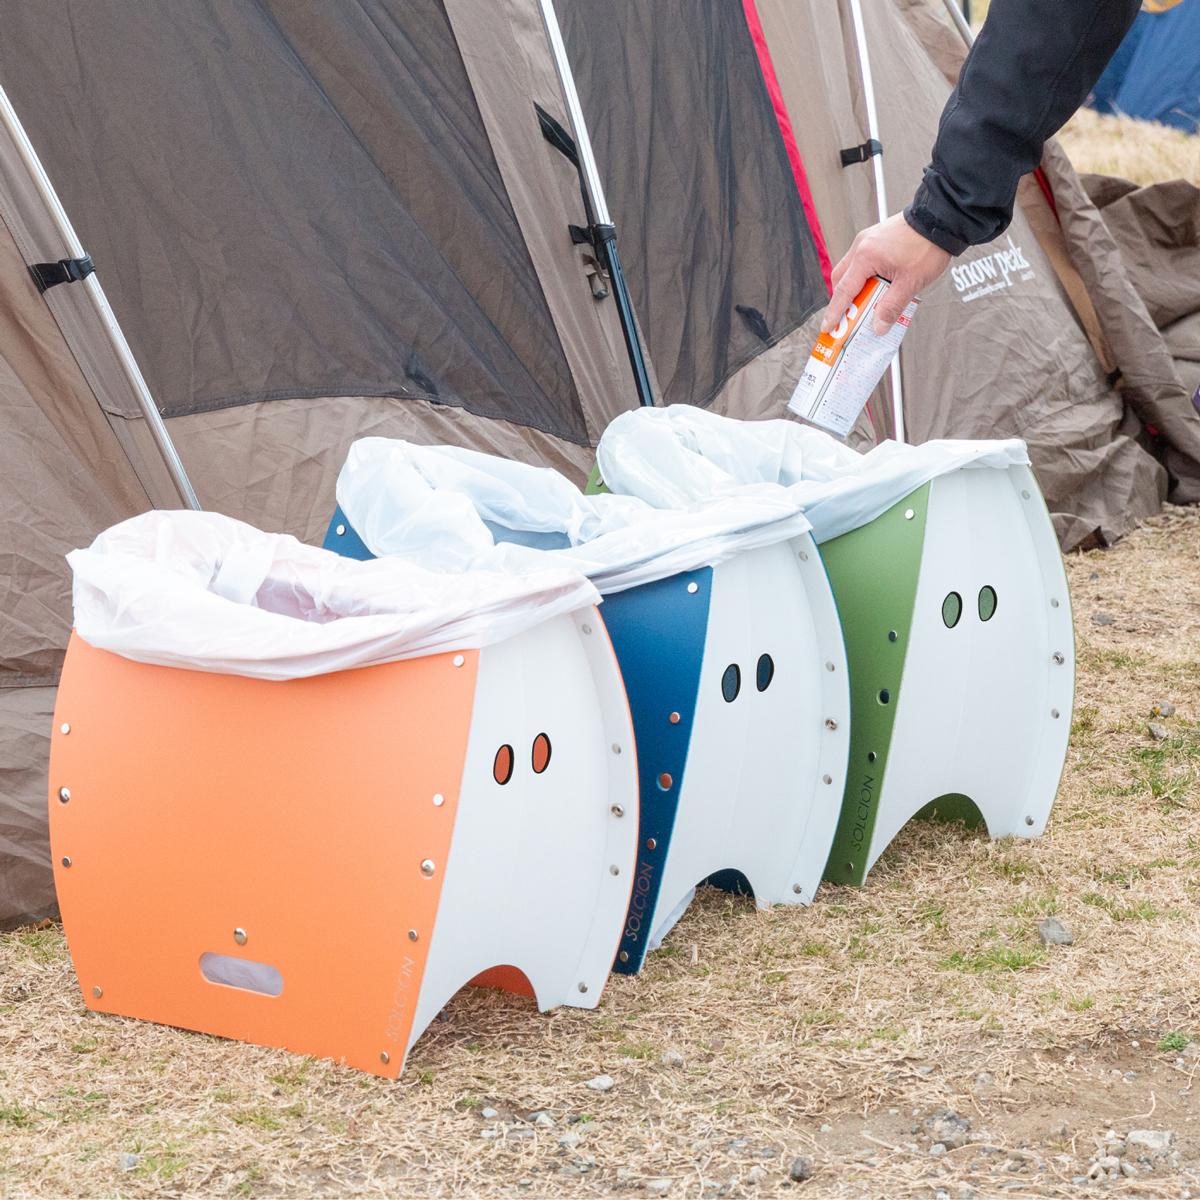 色違いで用意すれば、キャンプやバーベキューなどのアウトドアレジャーで、見栄えよくゴミの分別もできます。座面を外せば、ゴミ箱・防災トイレが出現する「折りたたみイス」|PATATTO PATATTO 350+